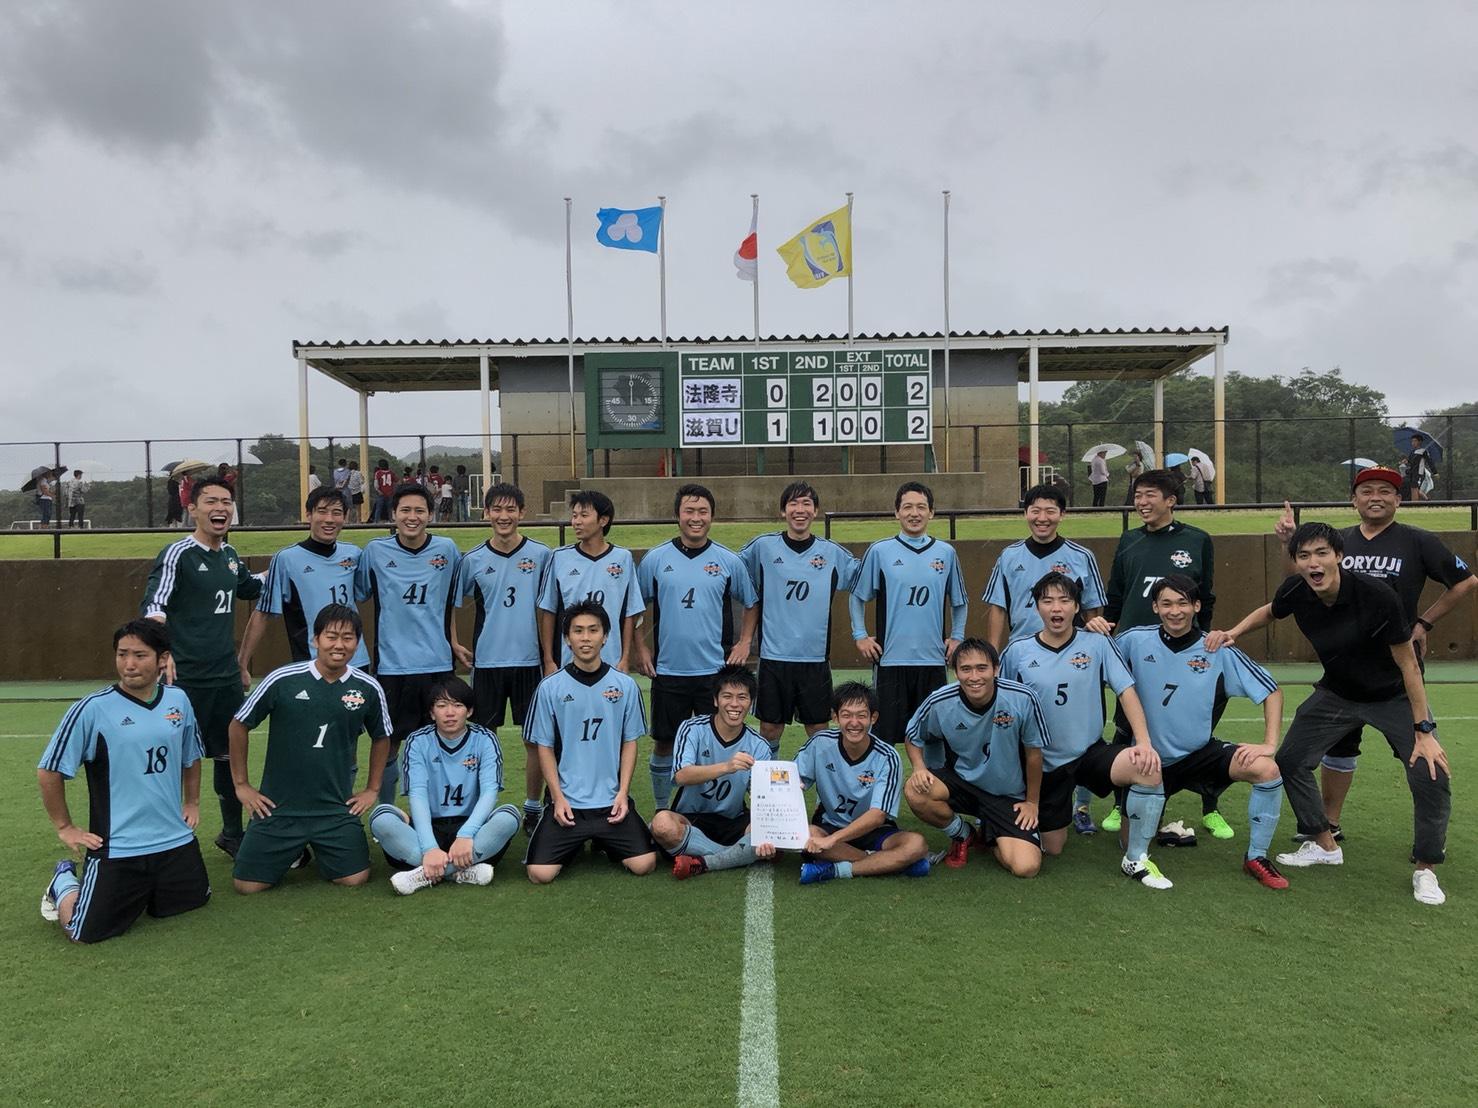 【トップチーム】 第25回全国クラブチームサッカー選手権関西大会